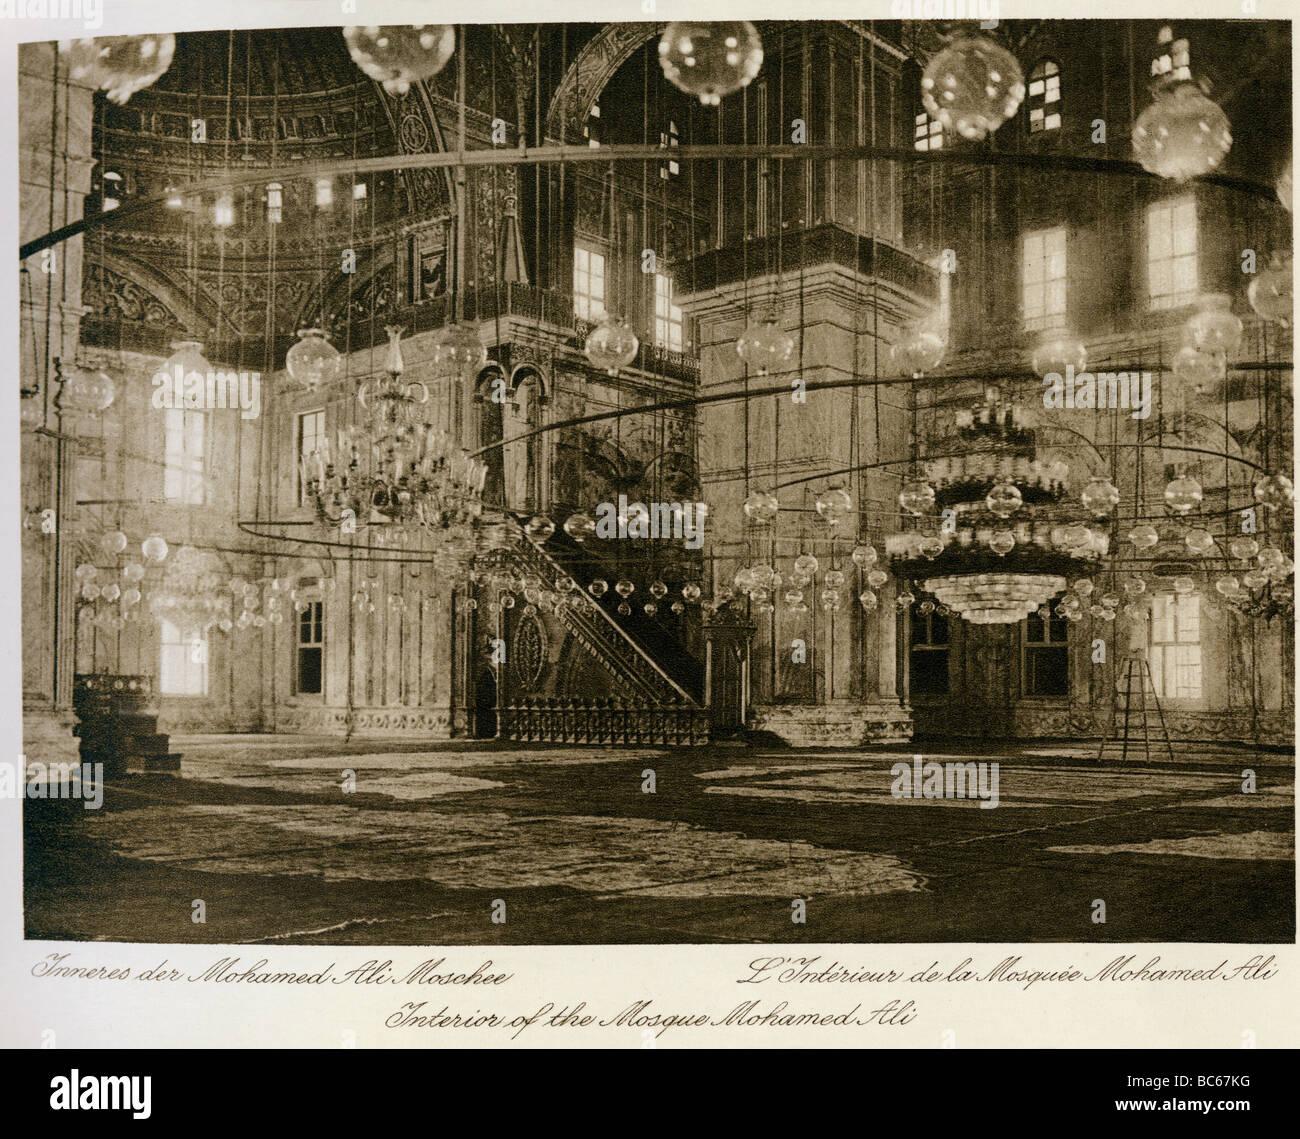 https://c8.alamy.com/comppt/bc67kg/geografia-viagem-egito-cairo-mesquita-de-muhammad-ali-vista-interior-1930-religiao-o-islao-arquitetura-cidade-africa-20-bc67kg.jpg